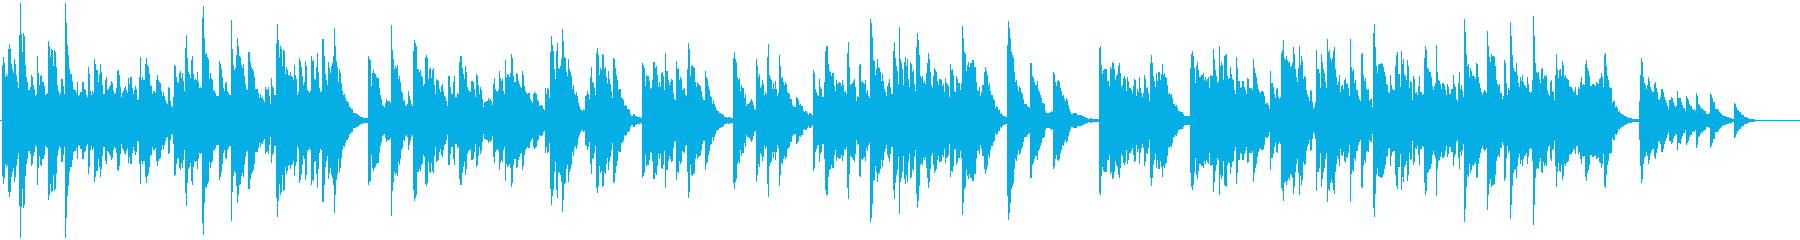 かわいい音色の温もりあるオルゴールの再生済みの波形